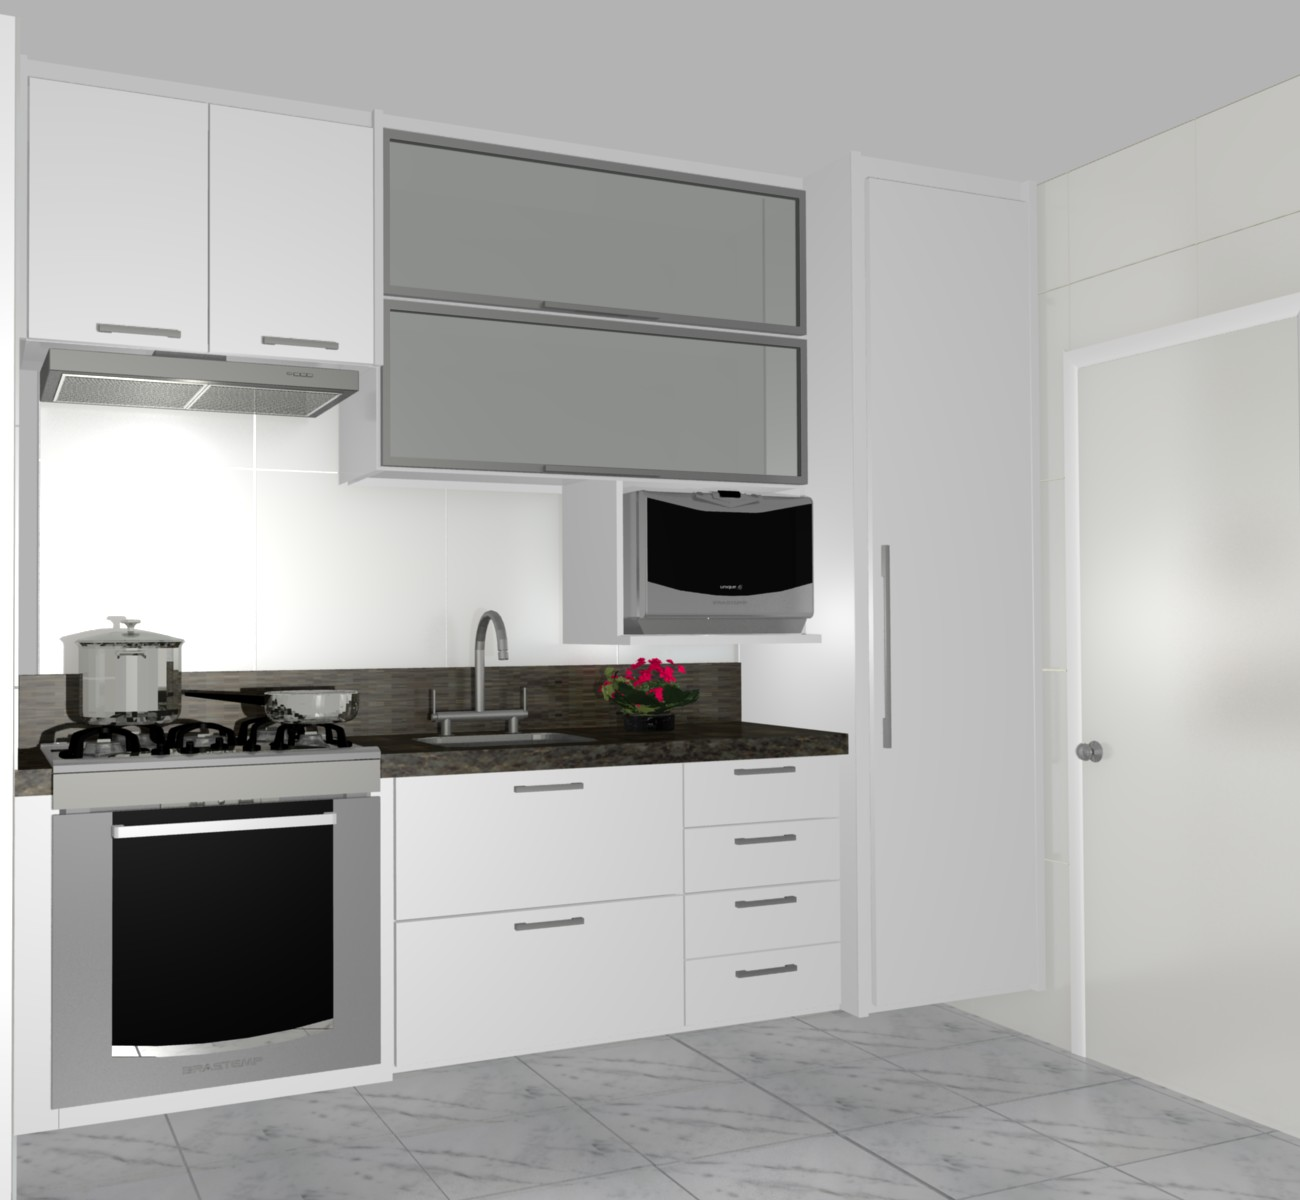 #693840 cozinha planejadas pequenas decorada americana modulada luxo moderna  1300x1200 px Projetos De Cozinhas Externas Pequenas #565 imagens